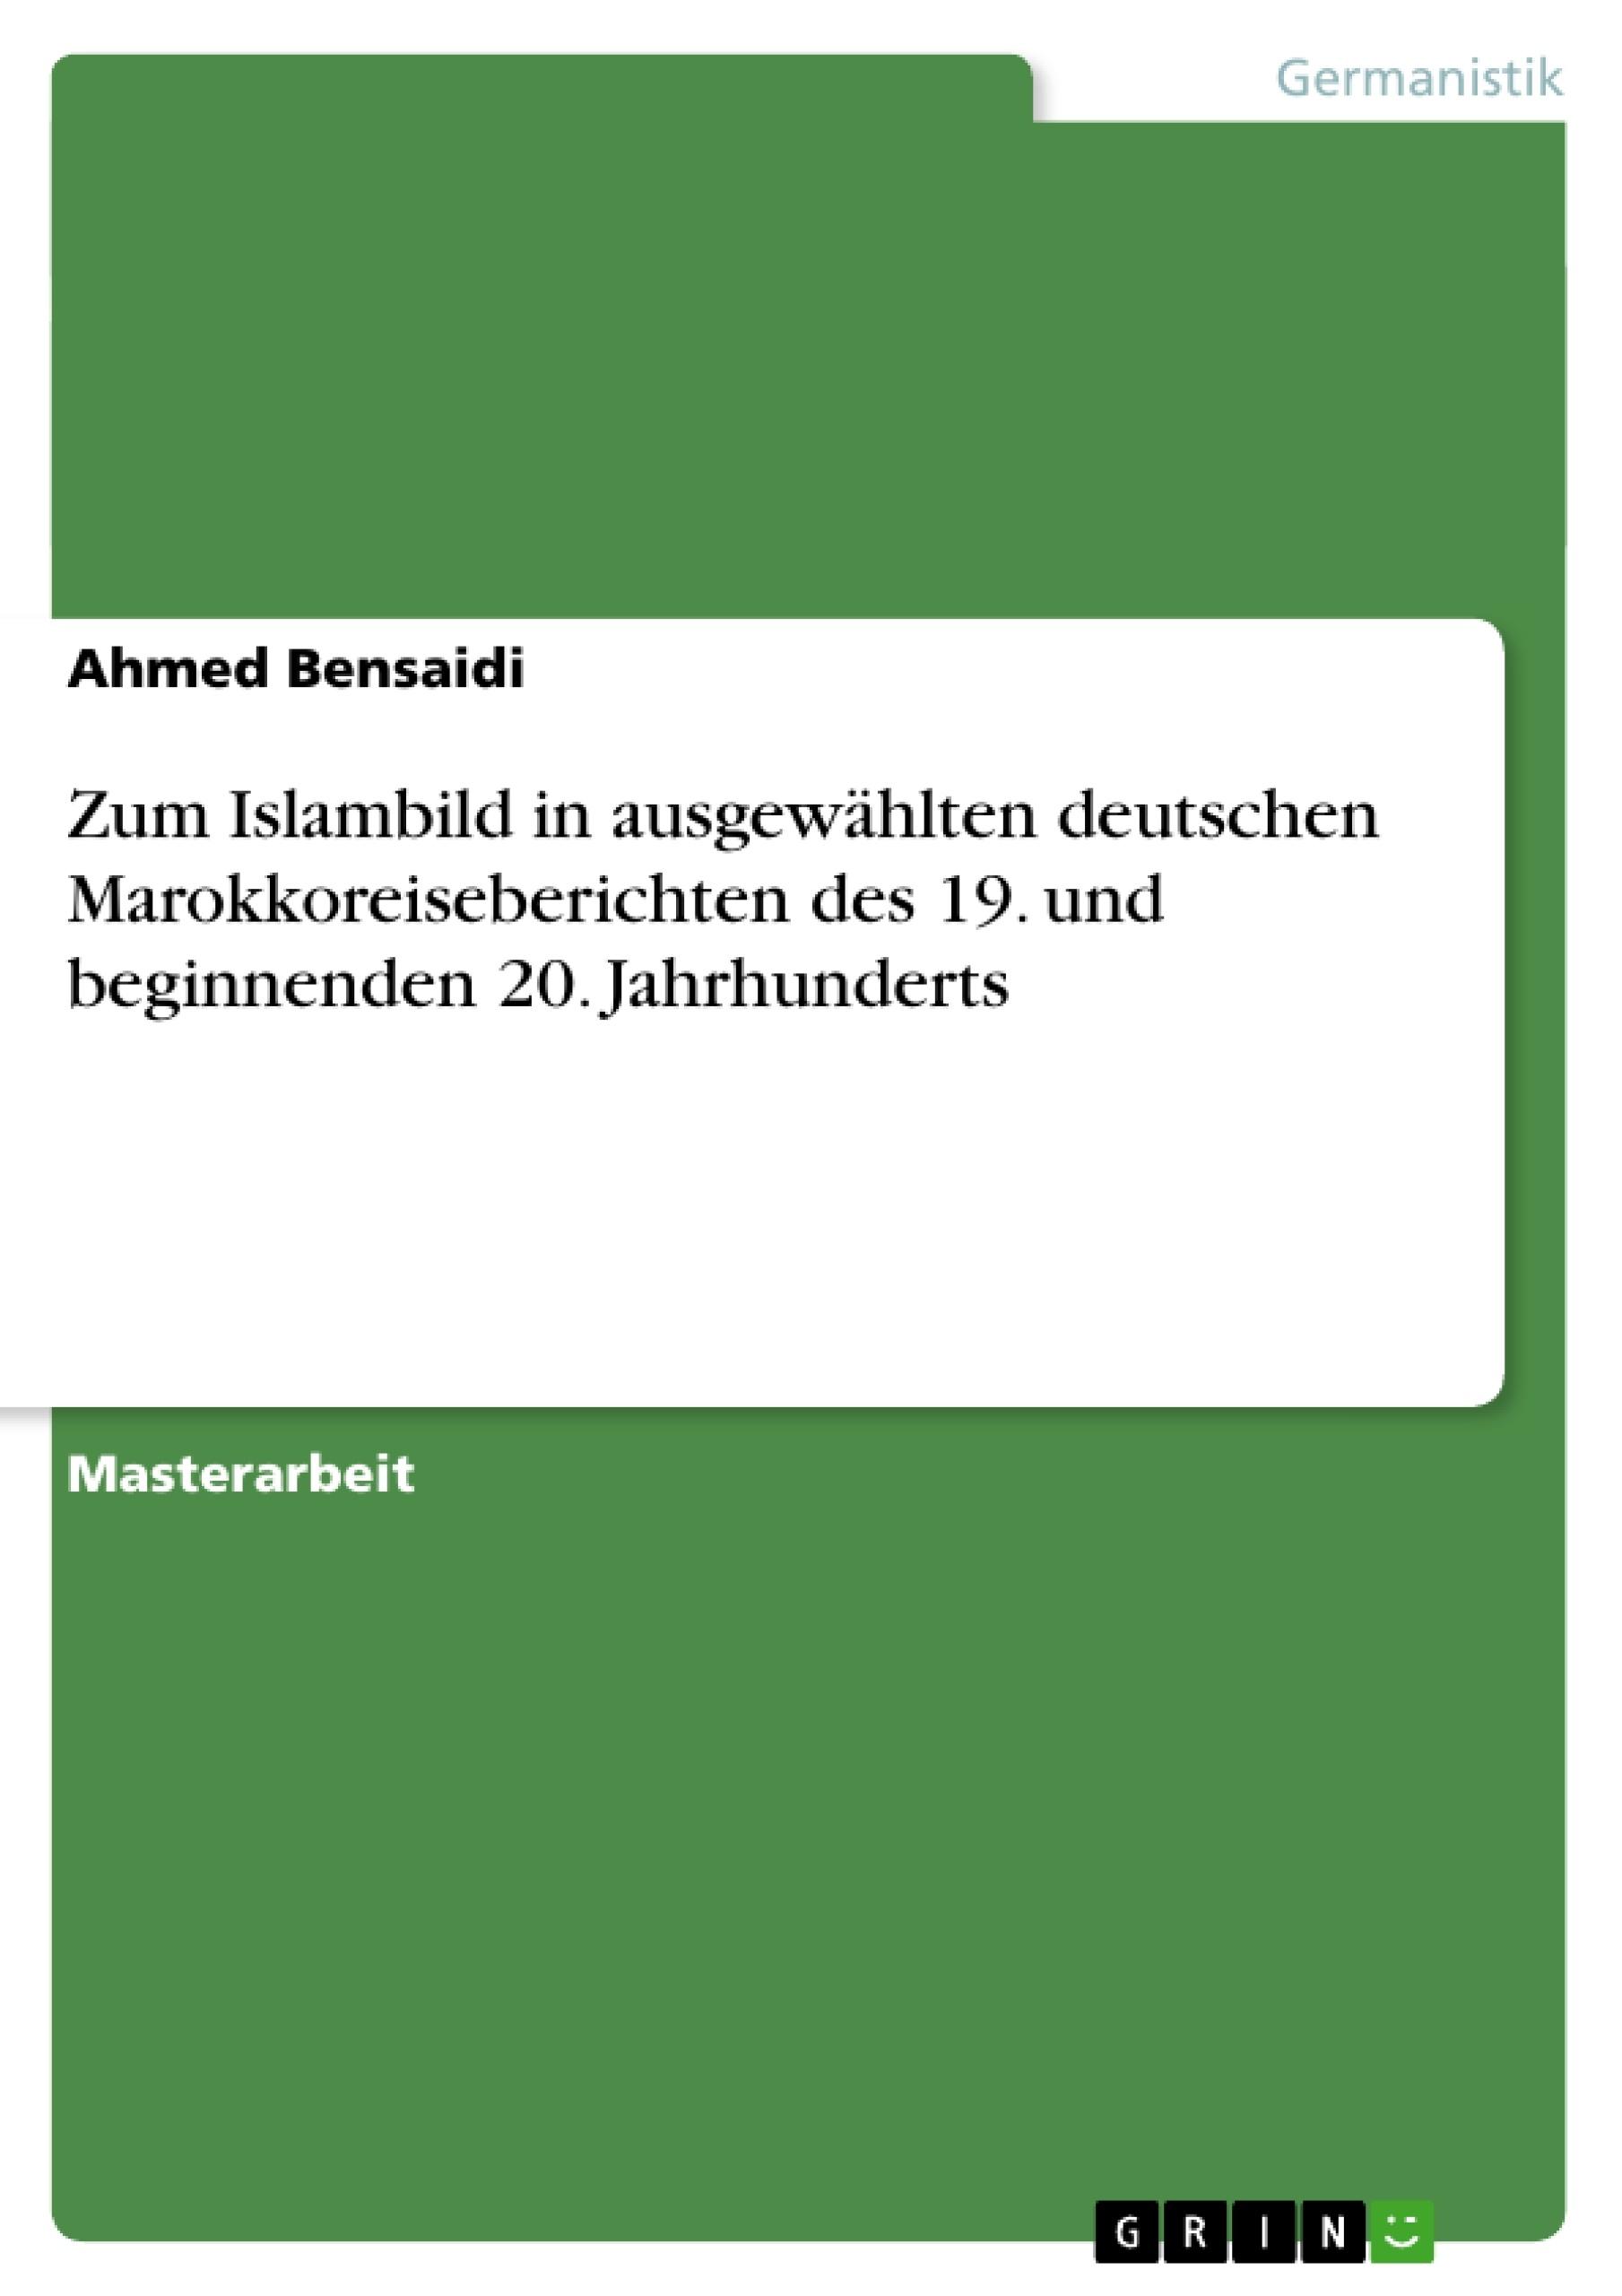 Titel: Zum Islambild in ausgewählten deutschen Marokkoreiseberichten des 19. und beginnenden 20. Jahrhunderts